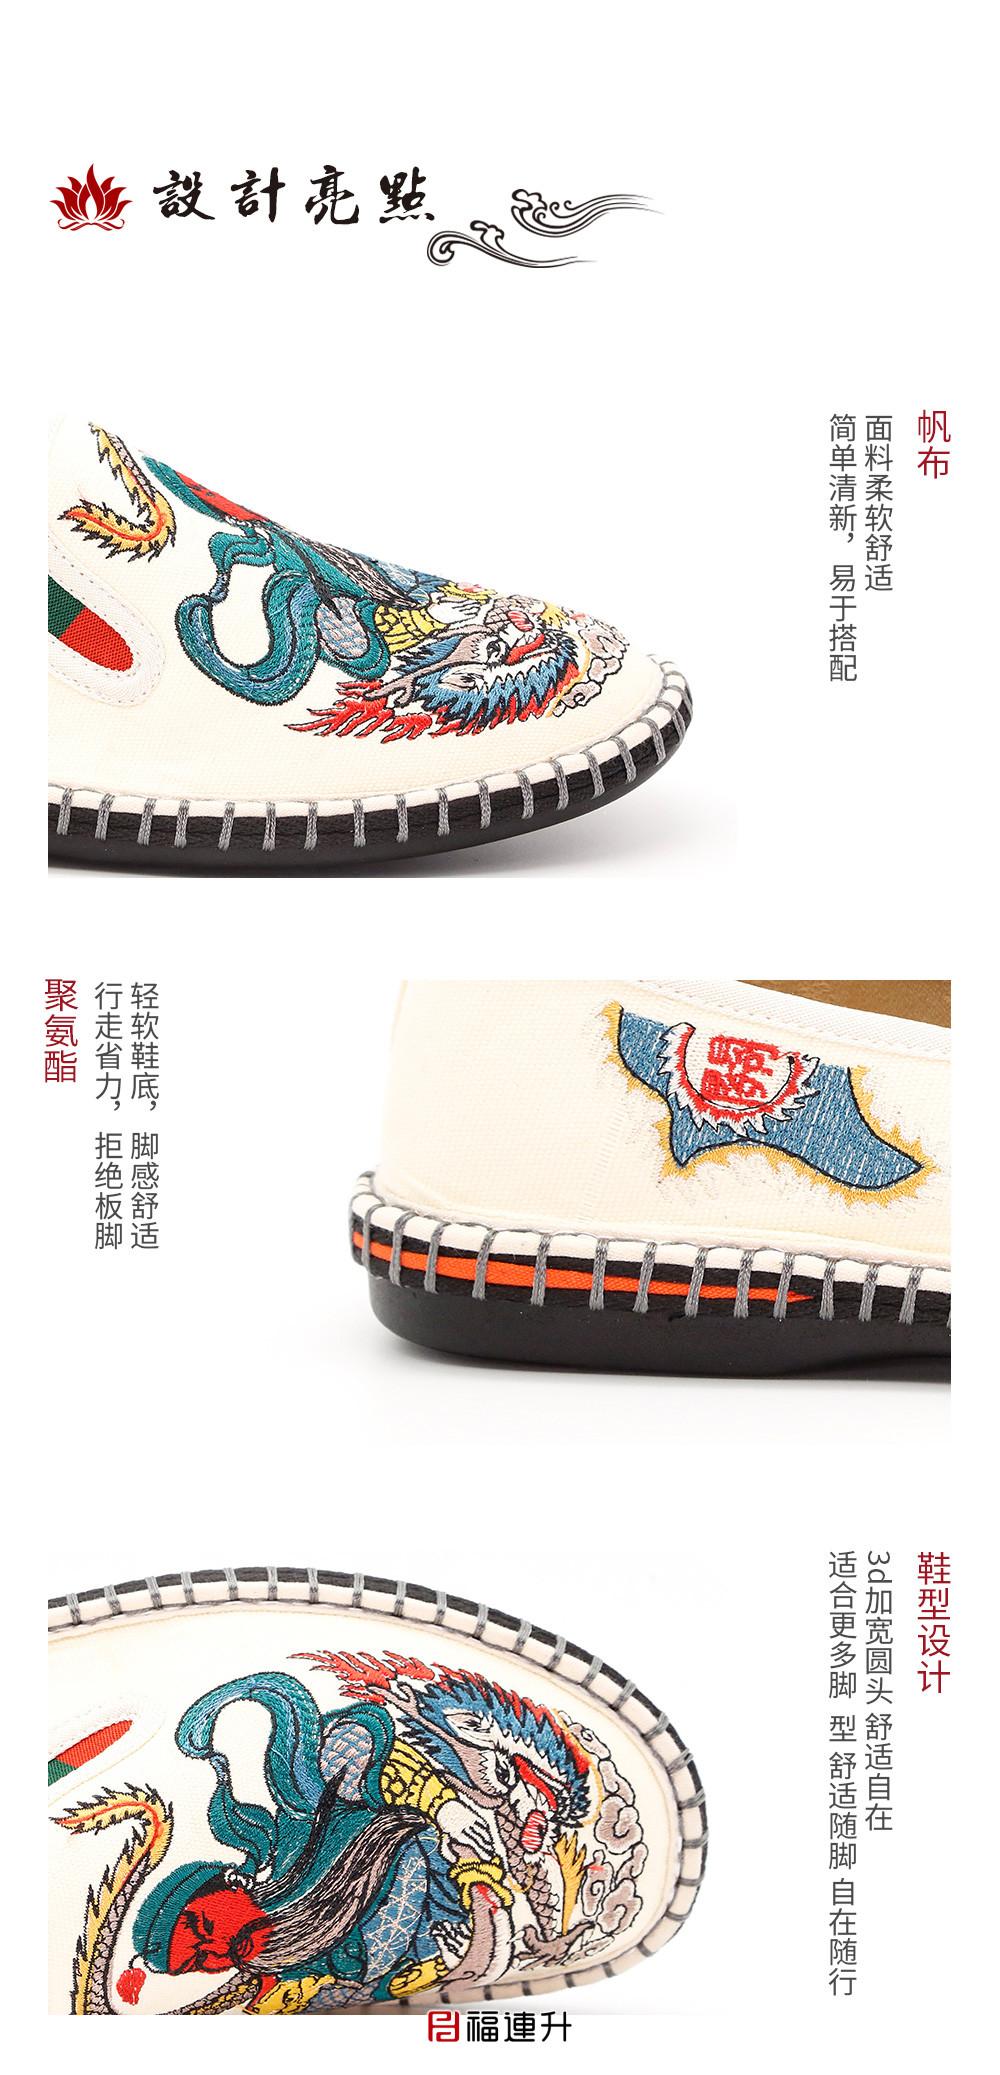 老北京千層底時尚休閑中國民族風仙鶴刺繡棉麻舒適透氣布鞋圖片